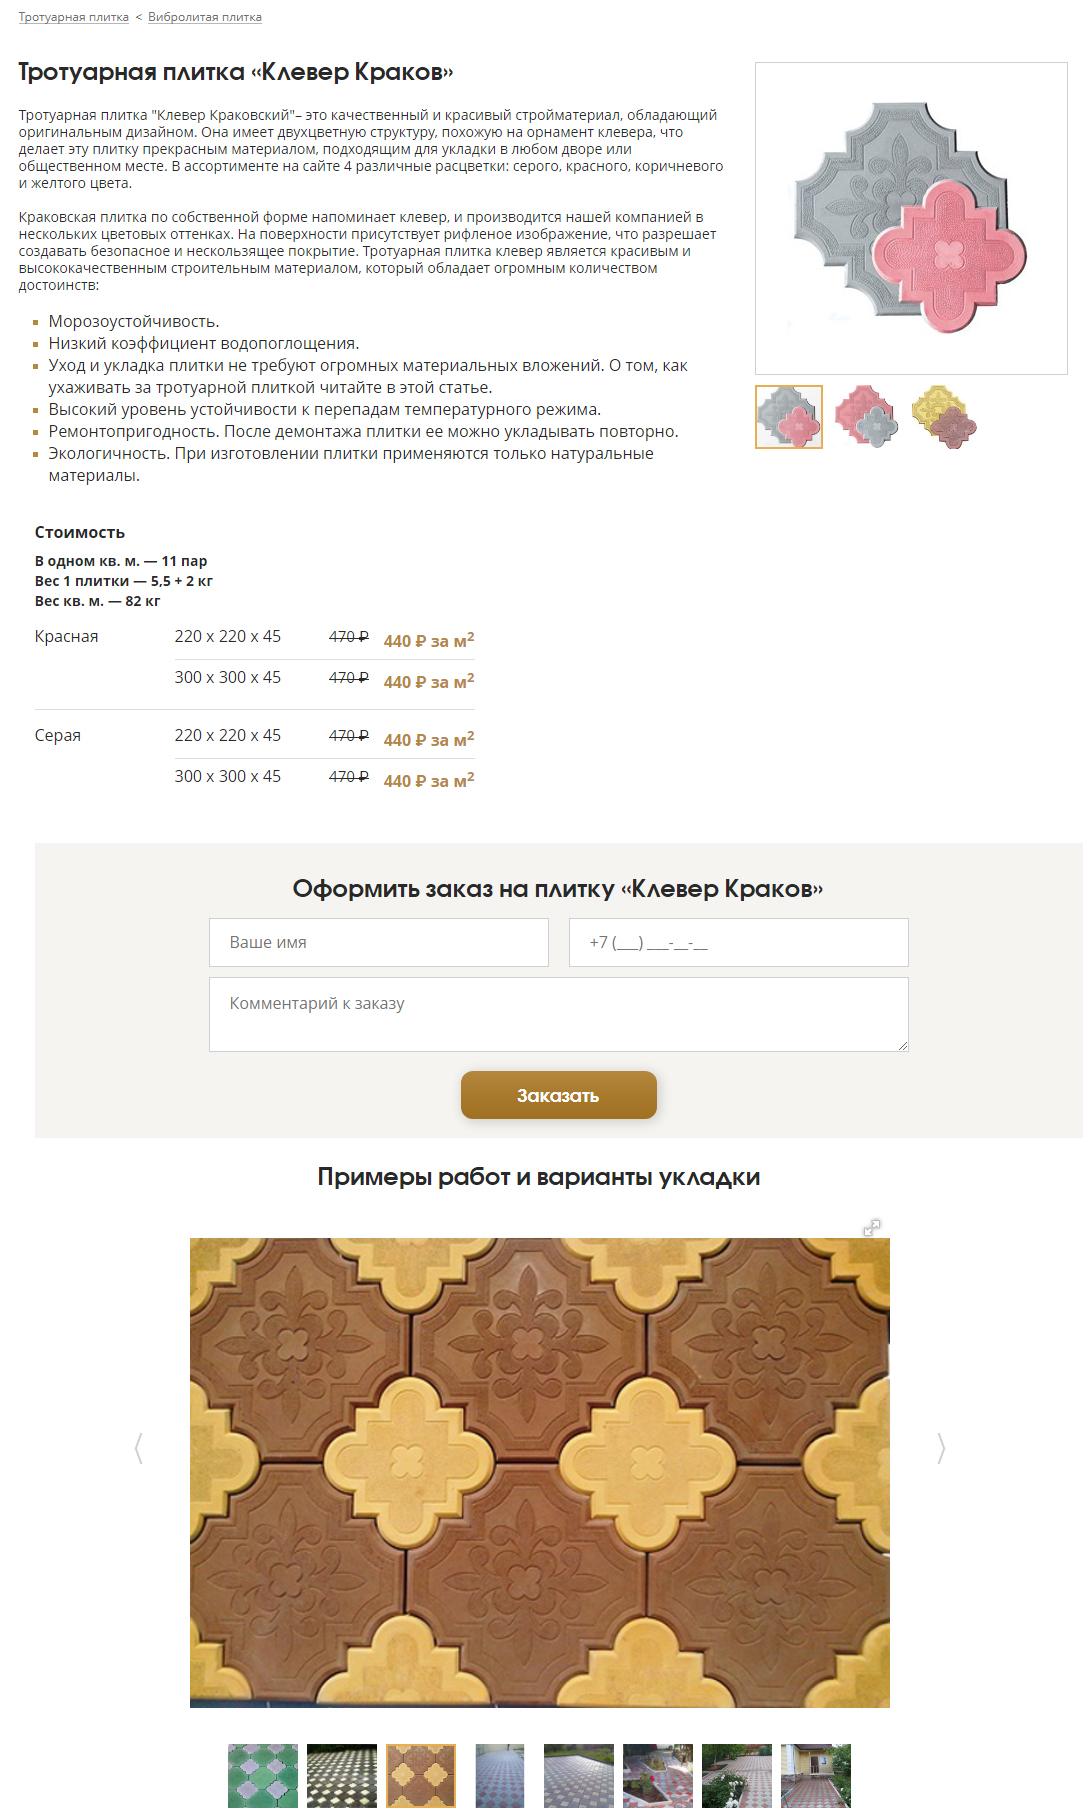 Новый дизайн страницы товара